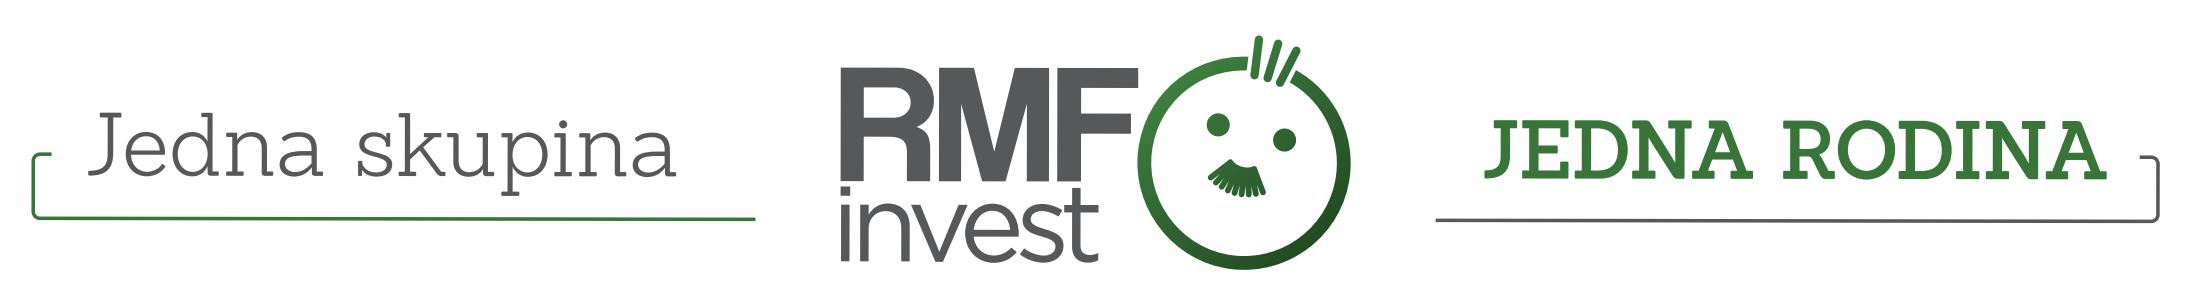 RMF invest